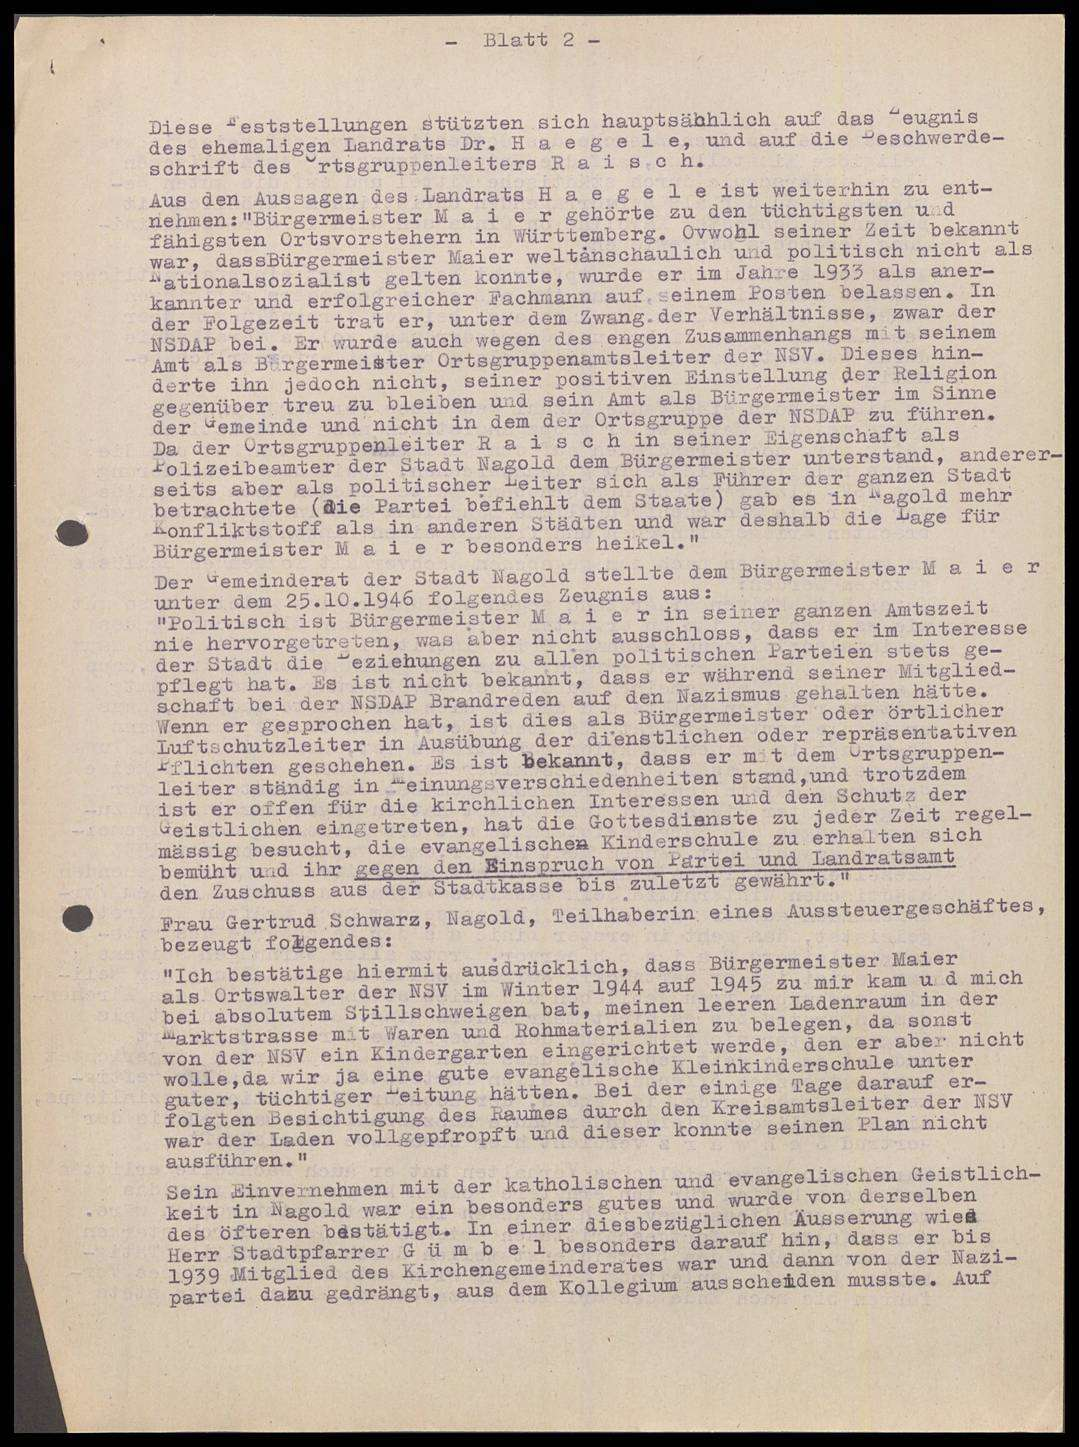 Maier, Hermann, Bild 3